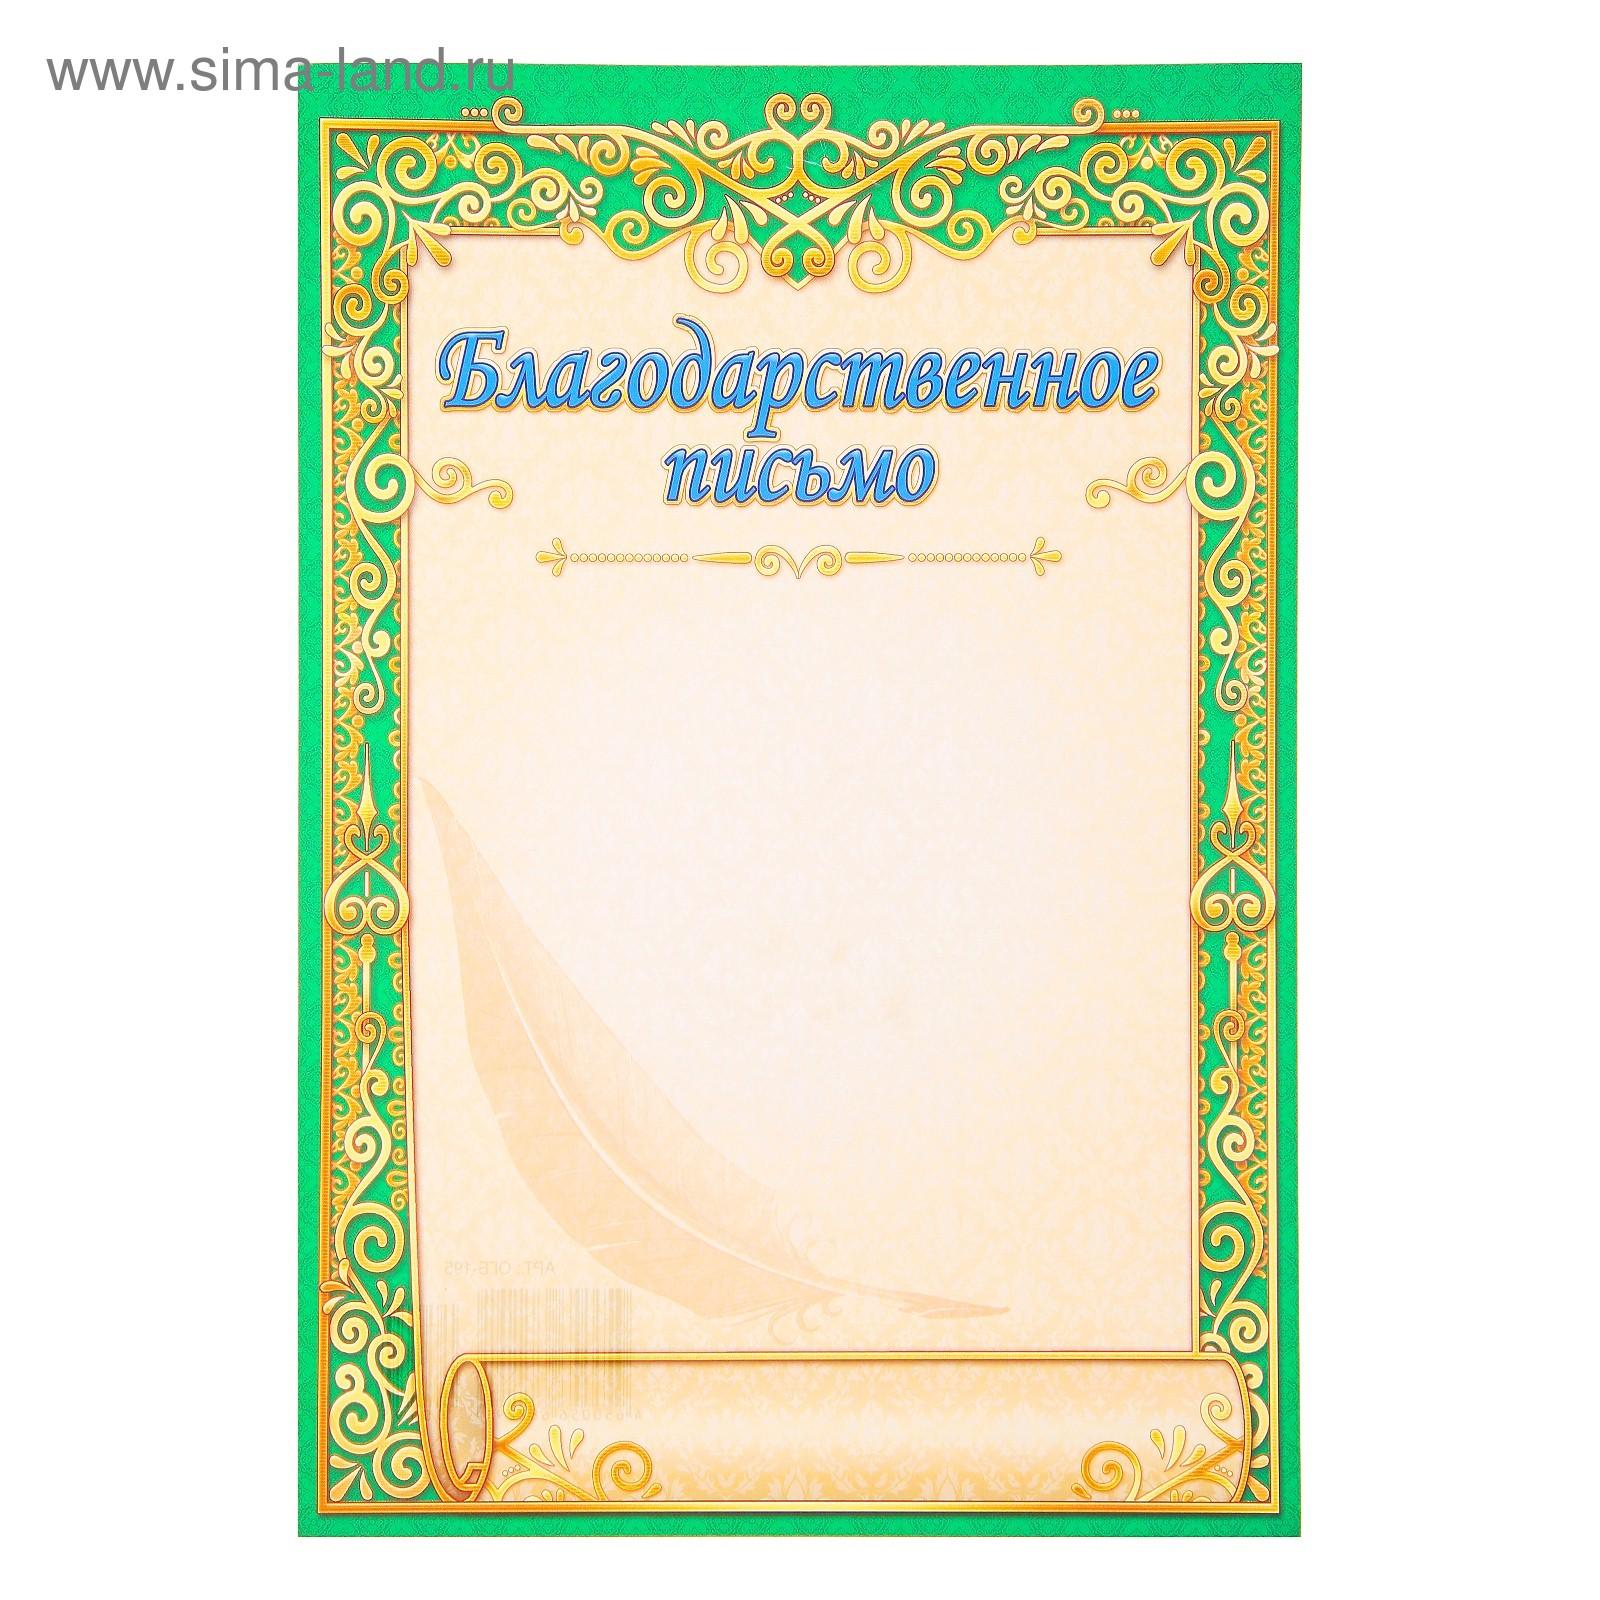 Картинки бланк благодарственного письма